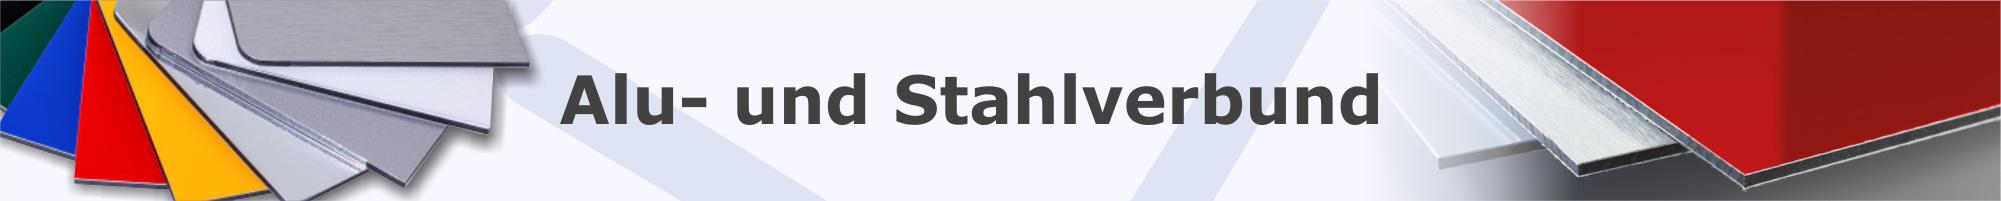 Alu Verbund und Stahl Verbund Platten Banner Kategorieseite